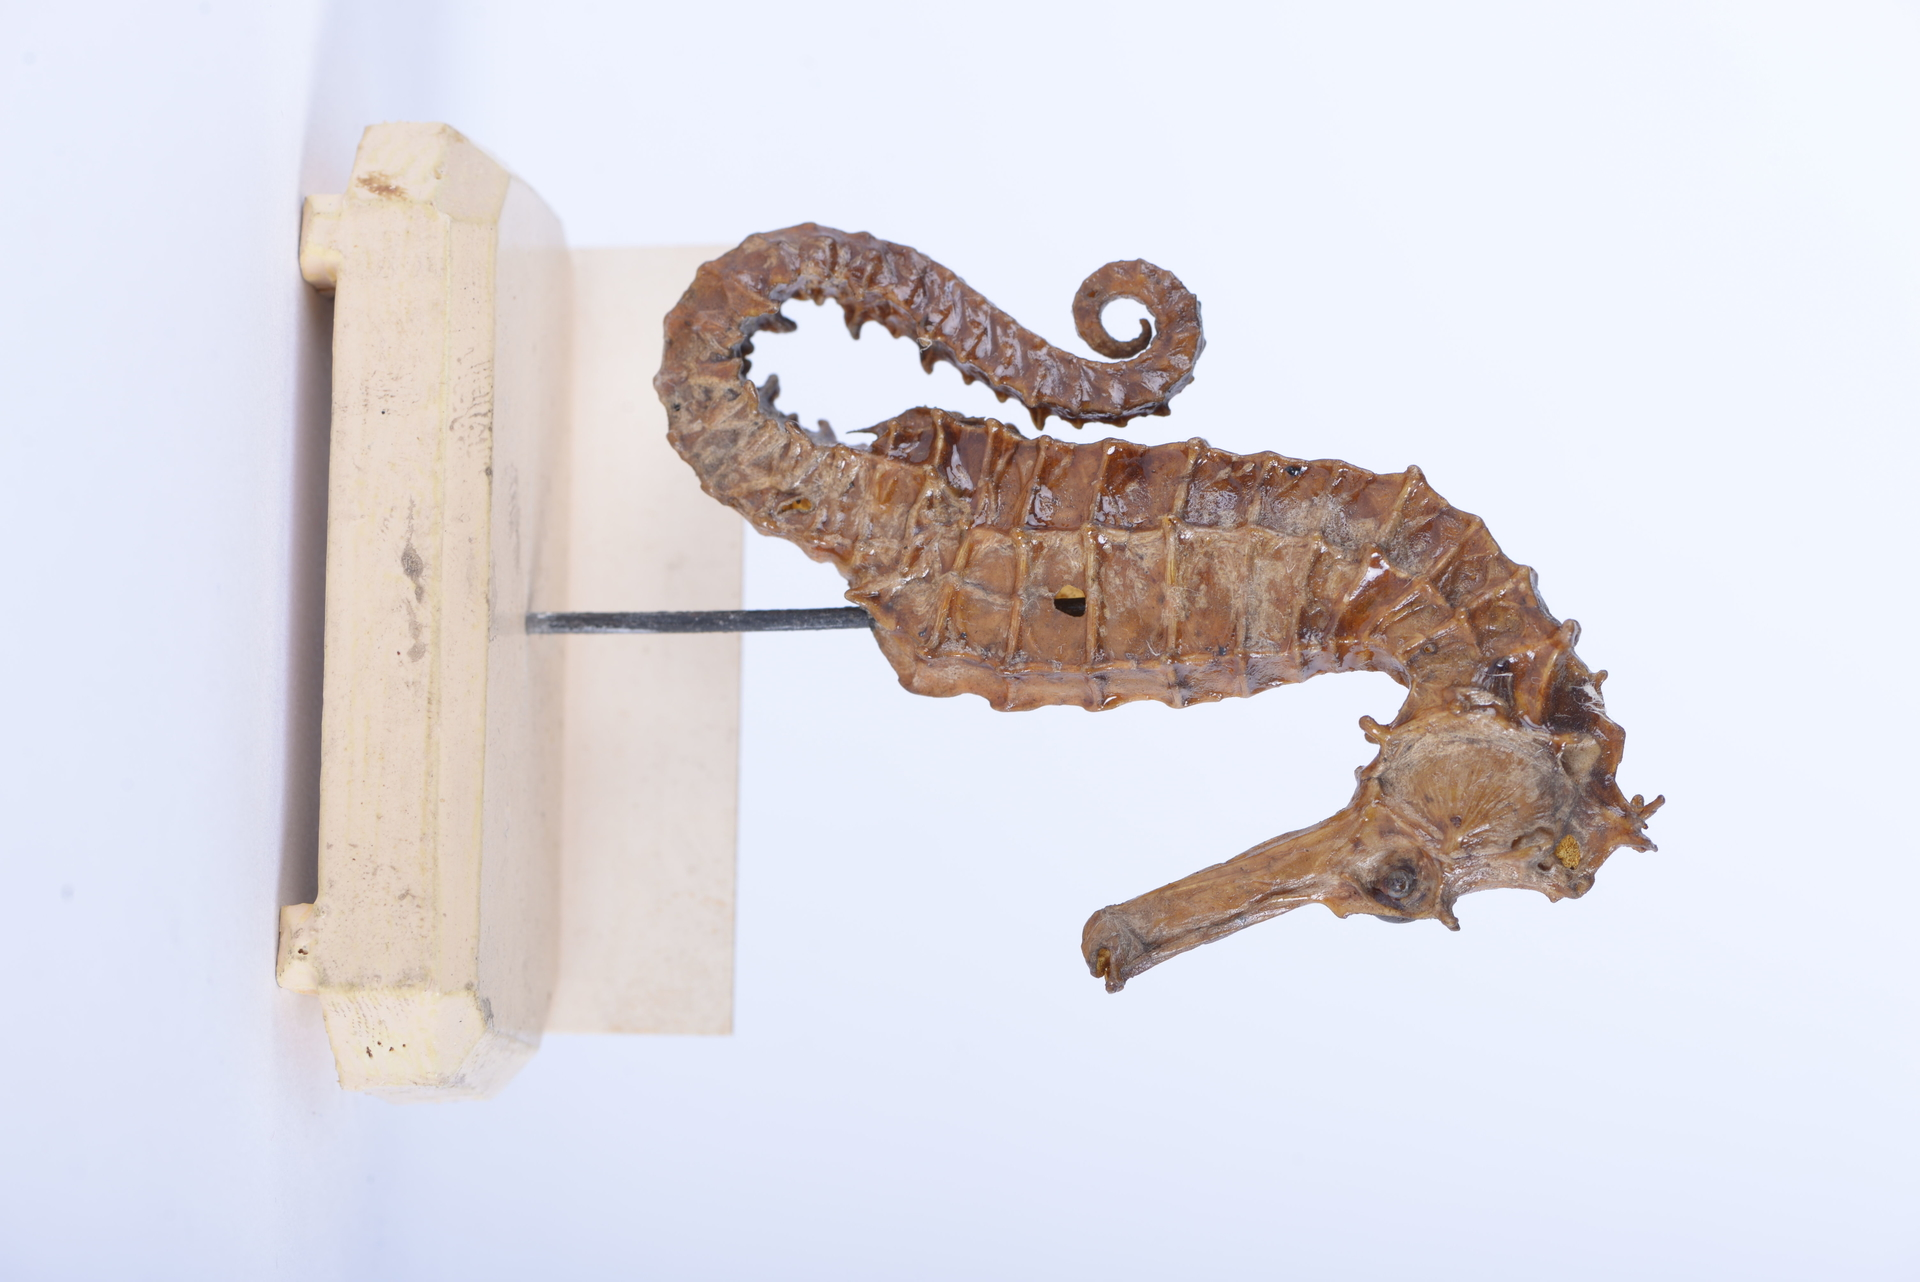 RMNH.PISC.D.1534   Hippocampus longirostris Schinz, 1822